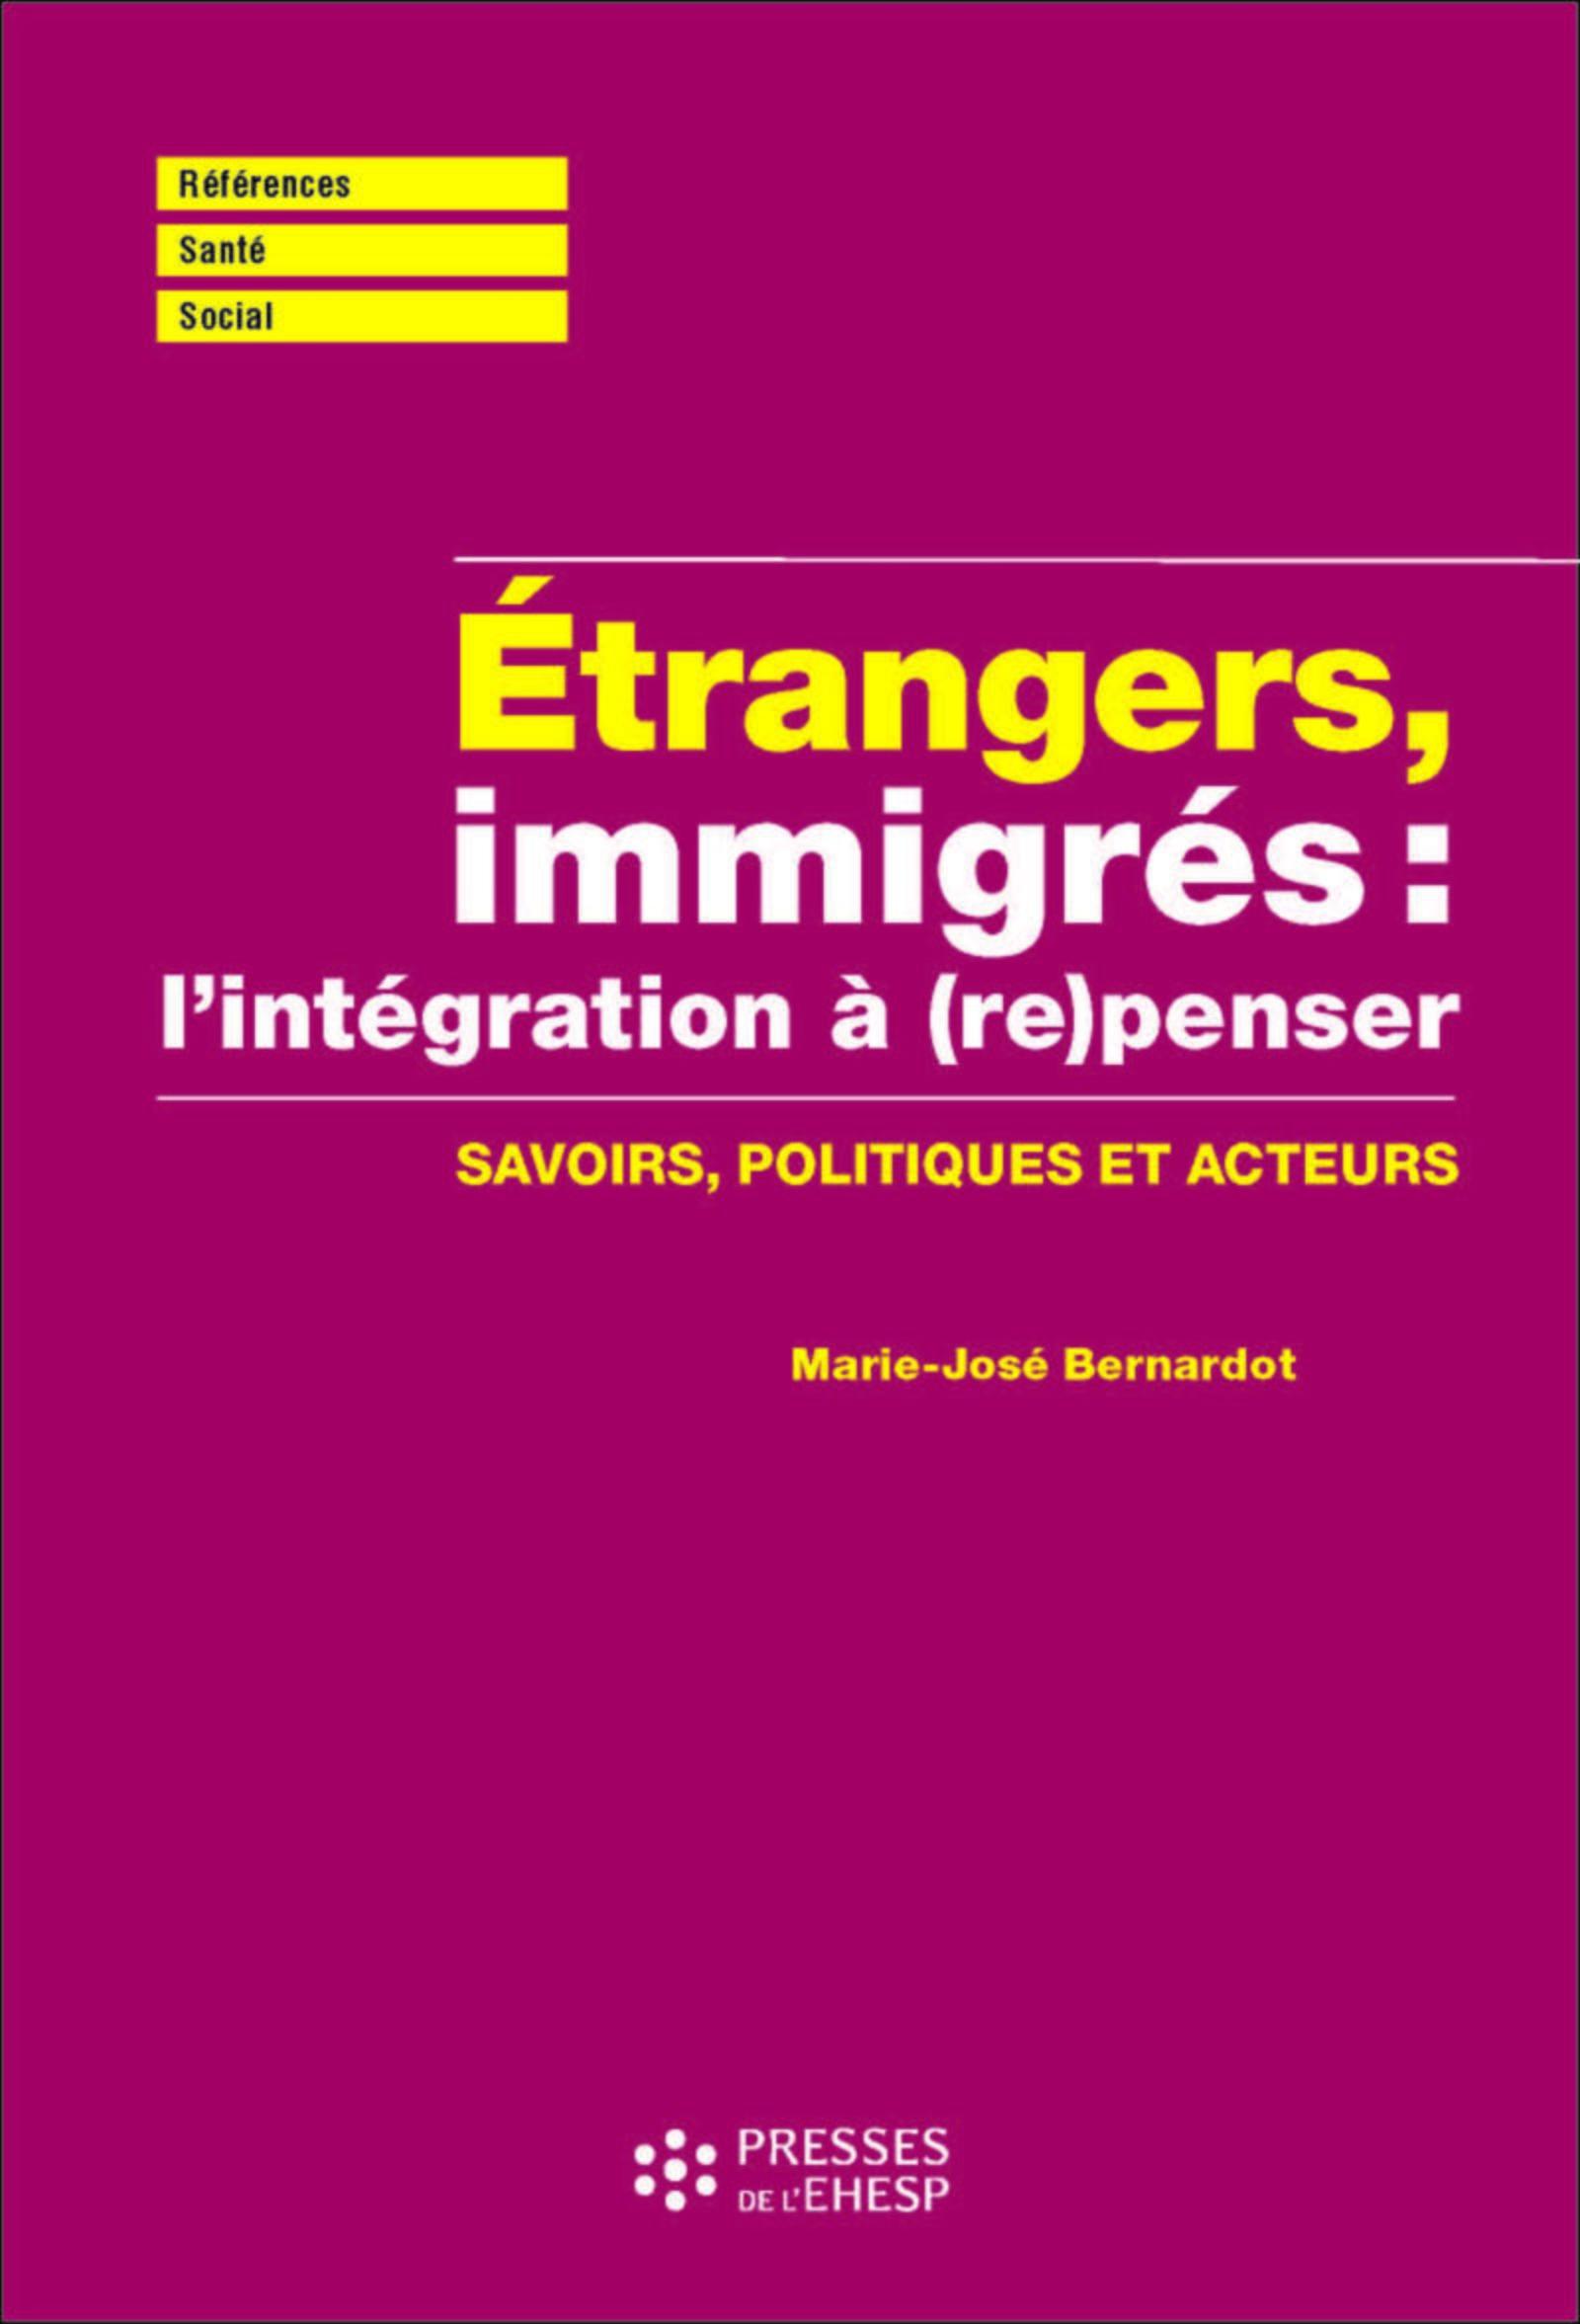 ETRANGERS, IMMIGRES : (RE)PENSER L'INTEGRATION - SAVOIRS, POLITIQUES ET ACTEURS